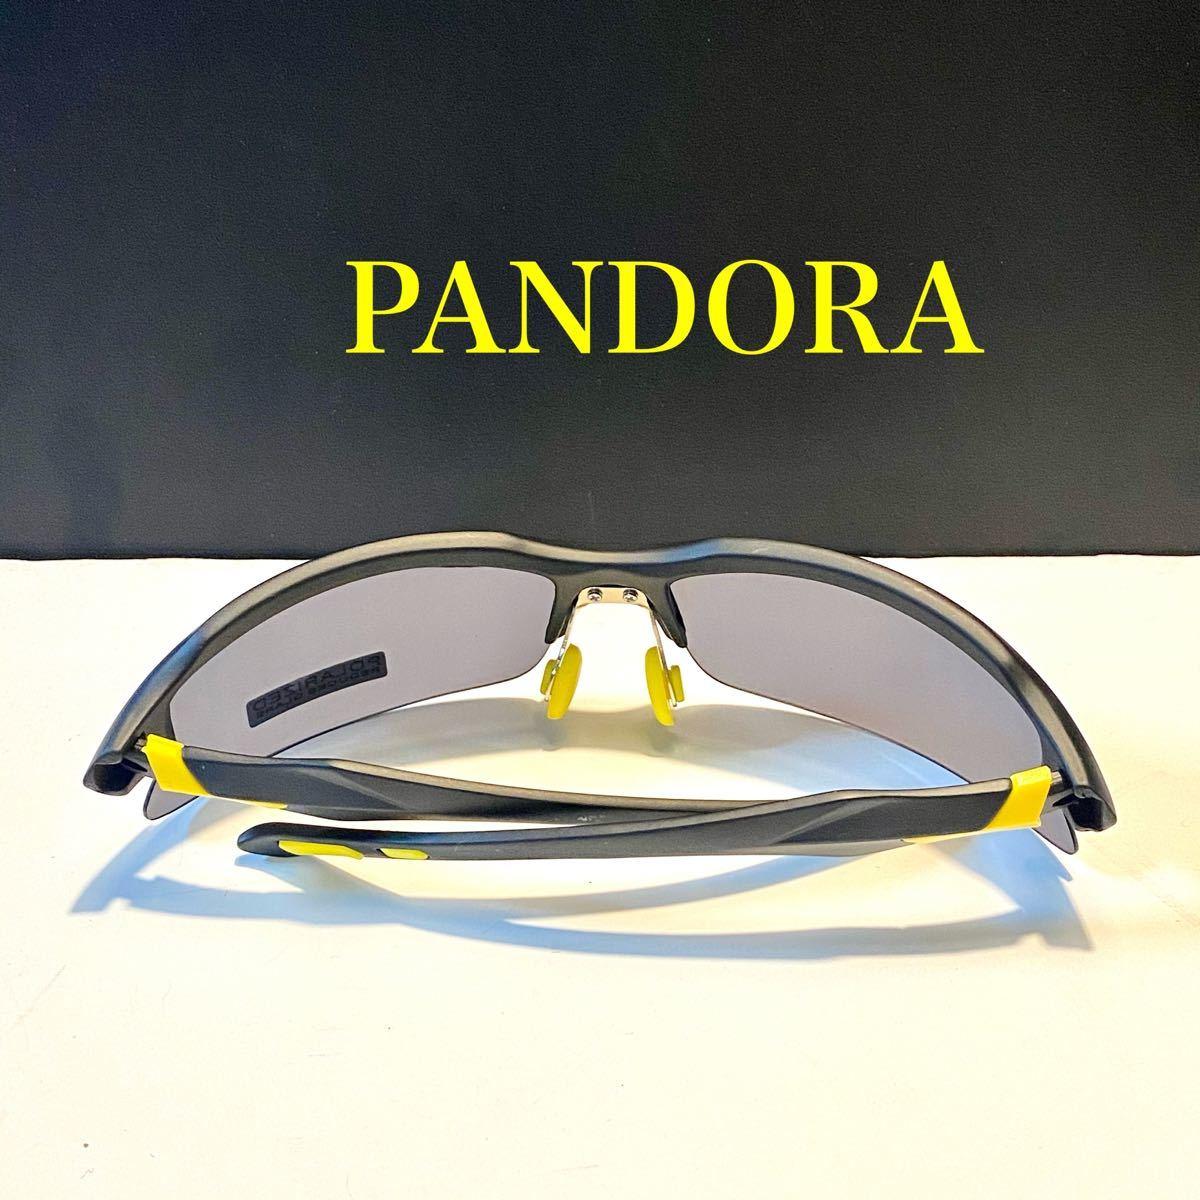 スポーツタイプ偏光サングラス釣りサーフィン UV400ケースつき